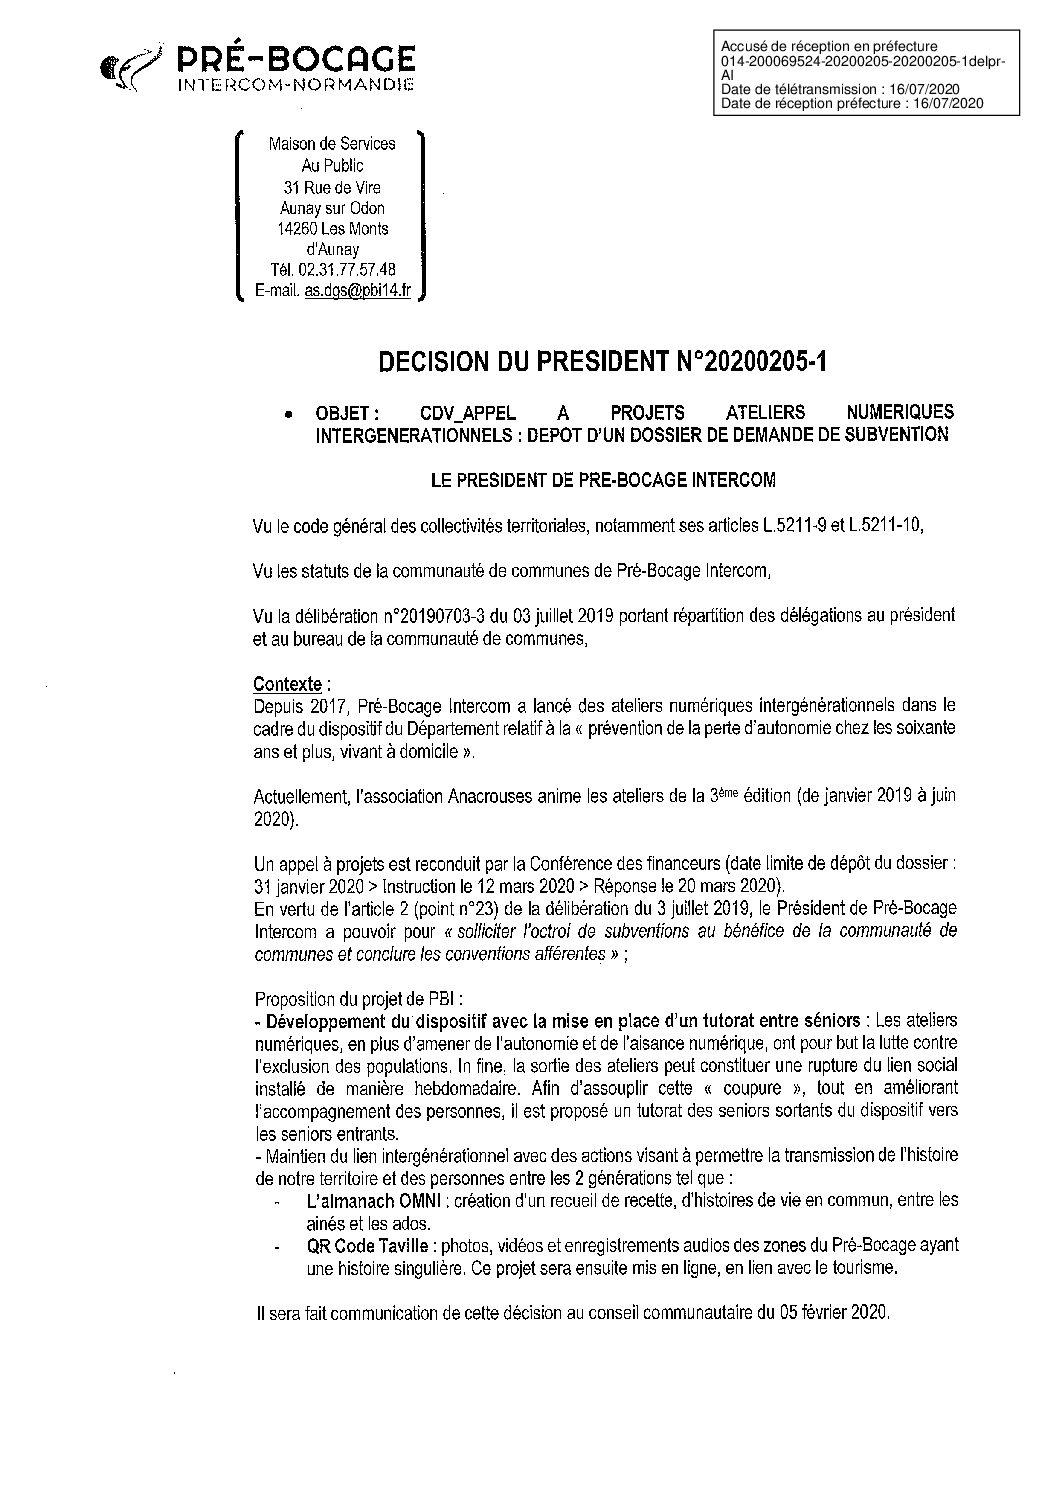 Décision déléguée du 05 février 2020